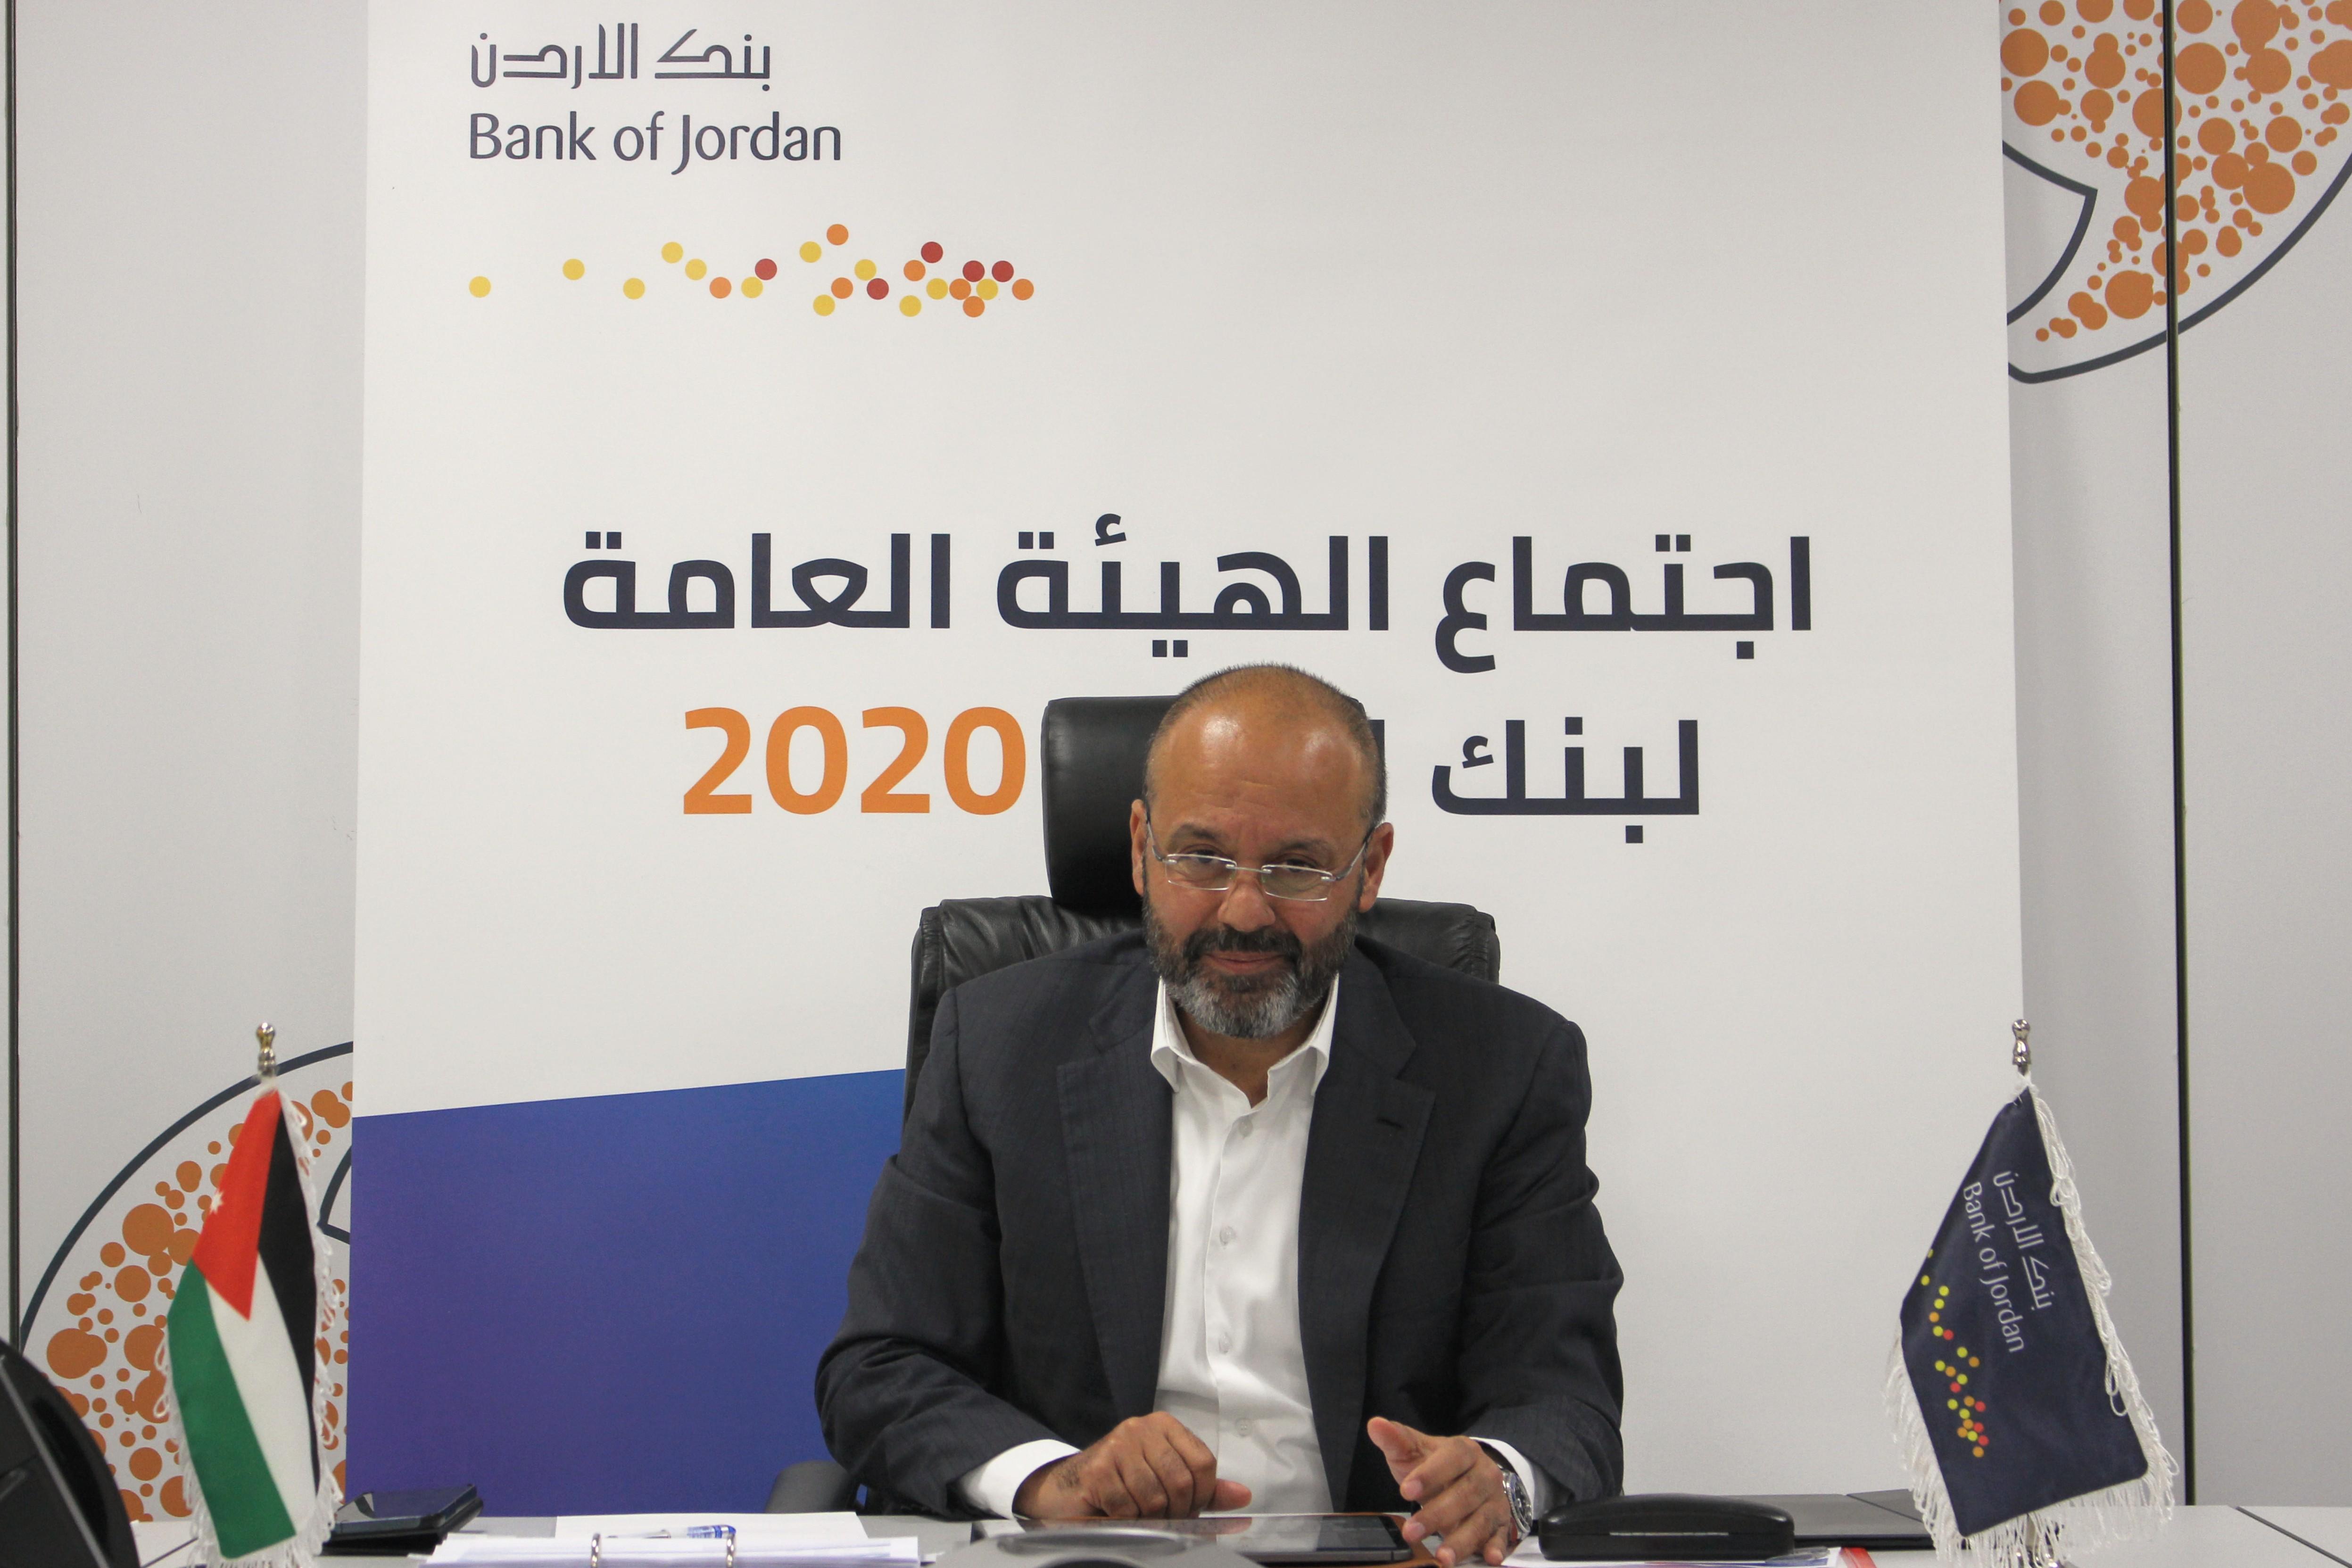 12% أرباح نقدية لمساهمي بنك الأردن عن عام 2020